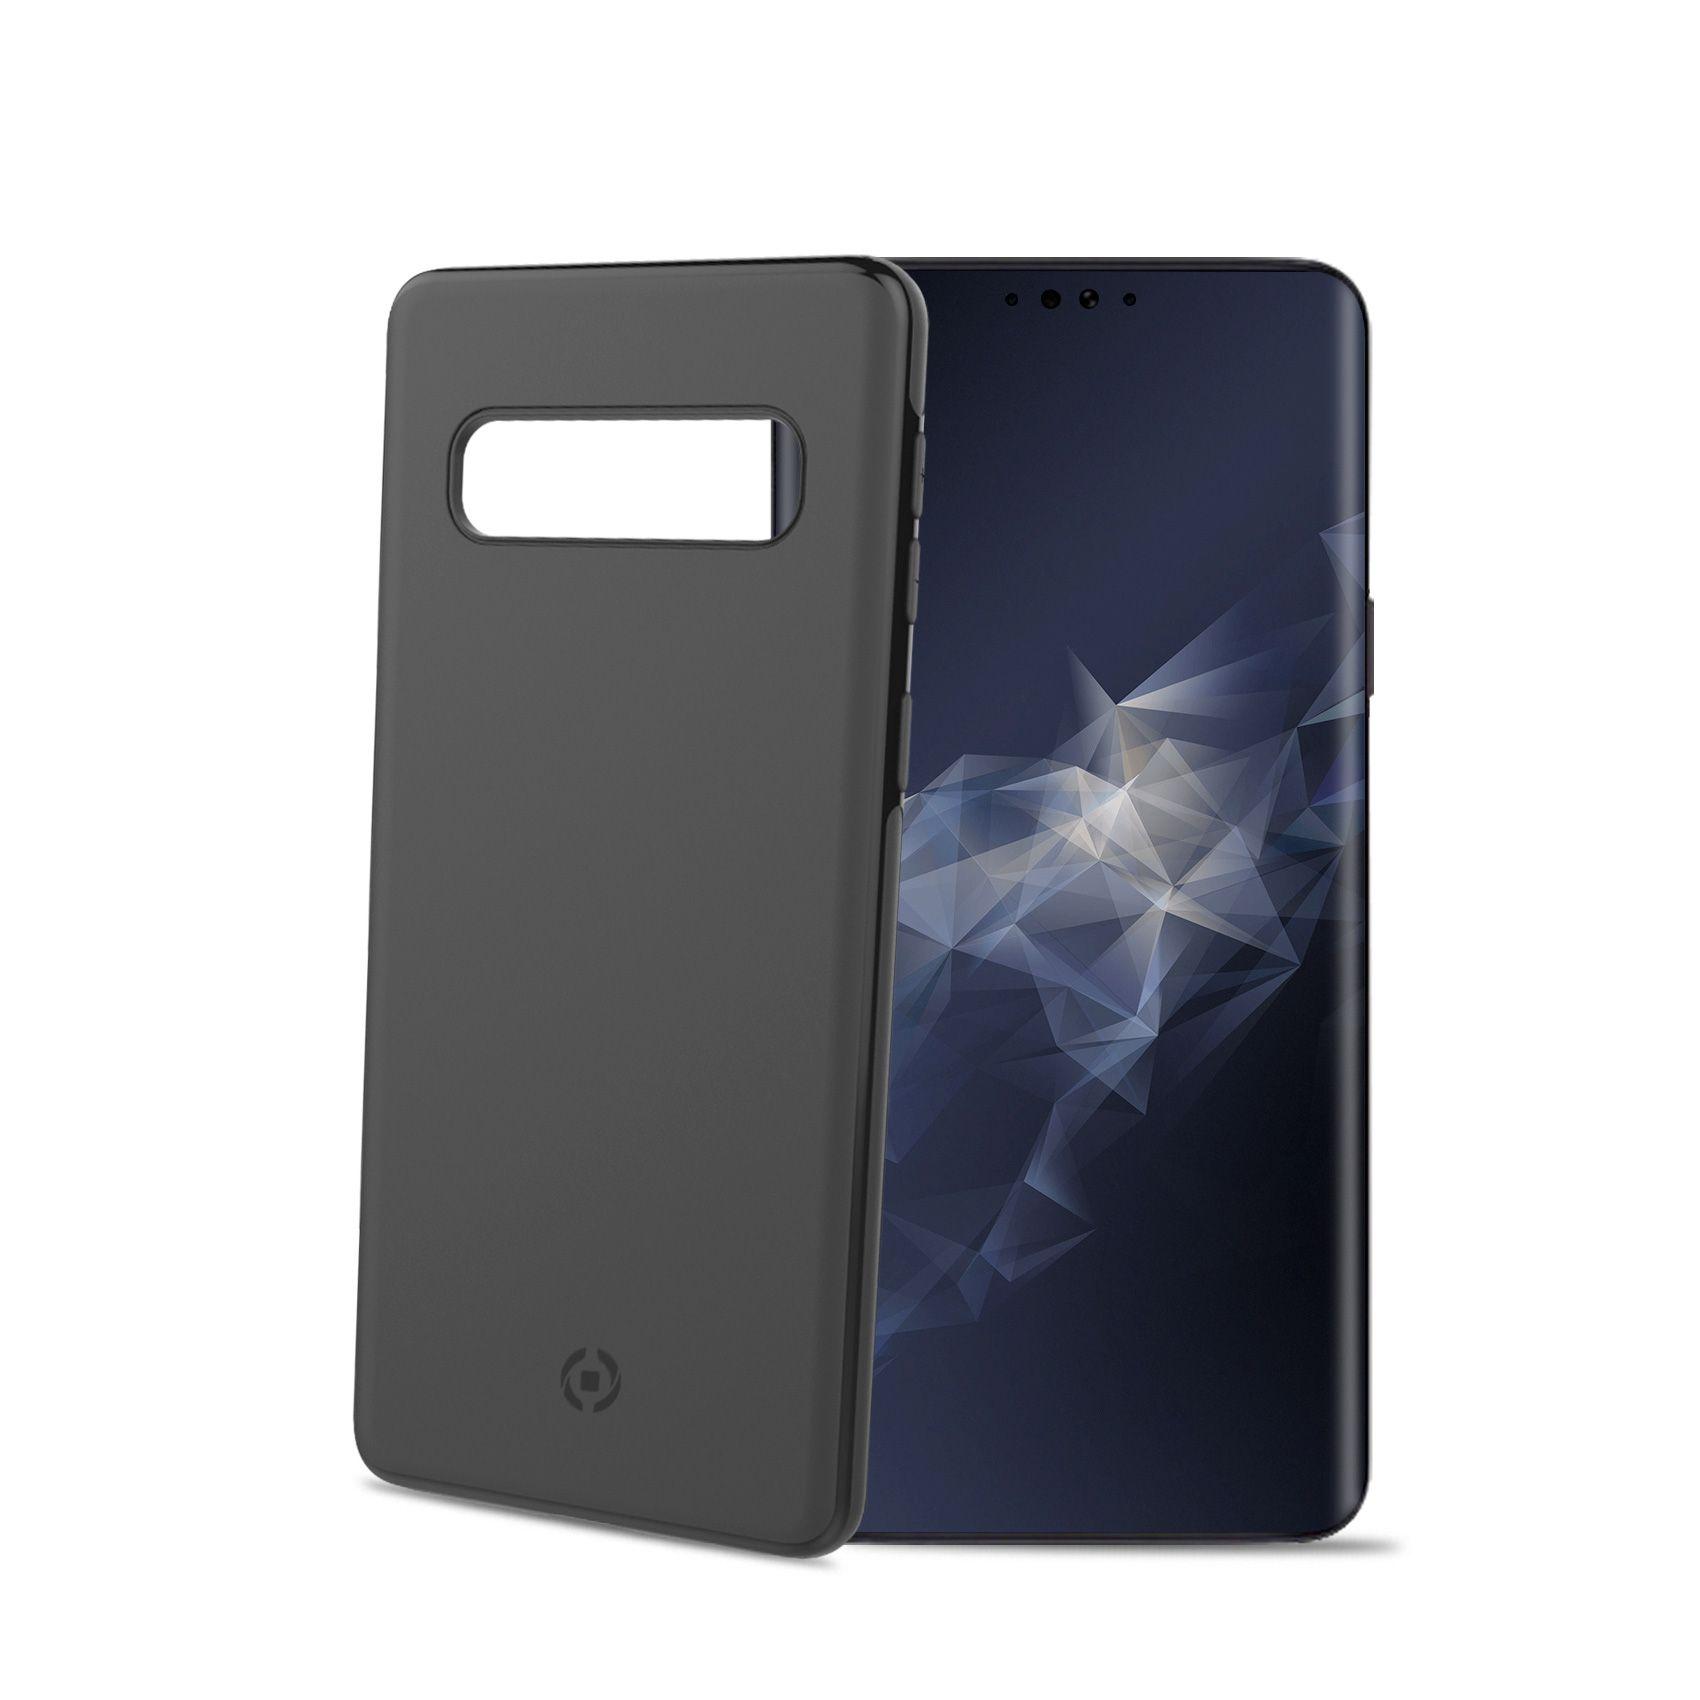 Zadní magnetický TPU kryt CELLY GHOSTSKIN pro Samsung Galaxy S10, kompatibilní s GHOST držáky, černý